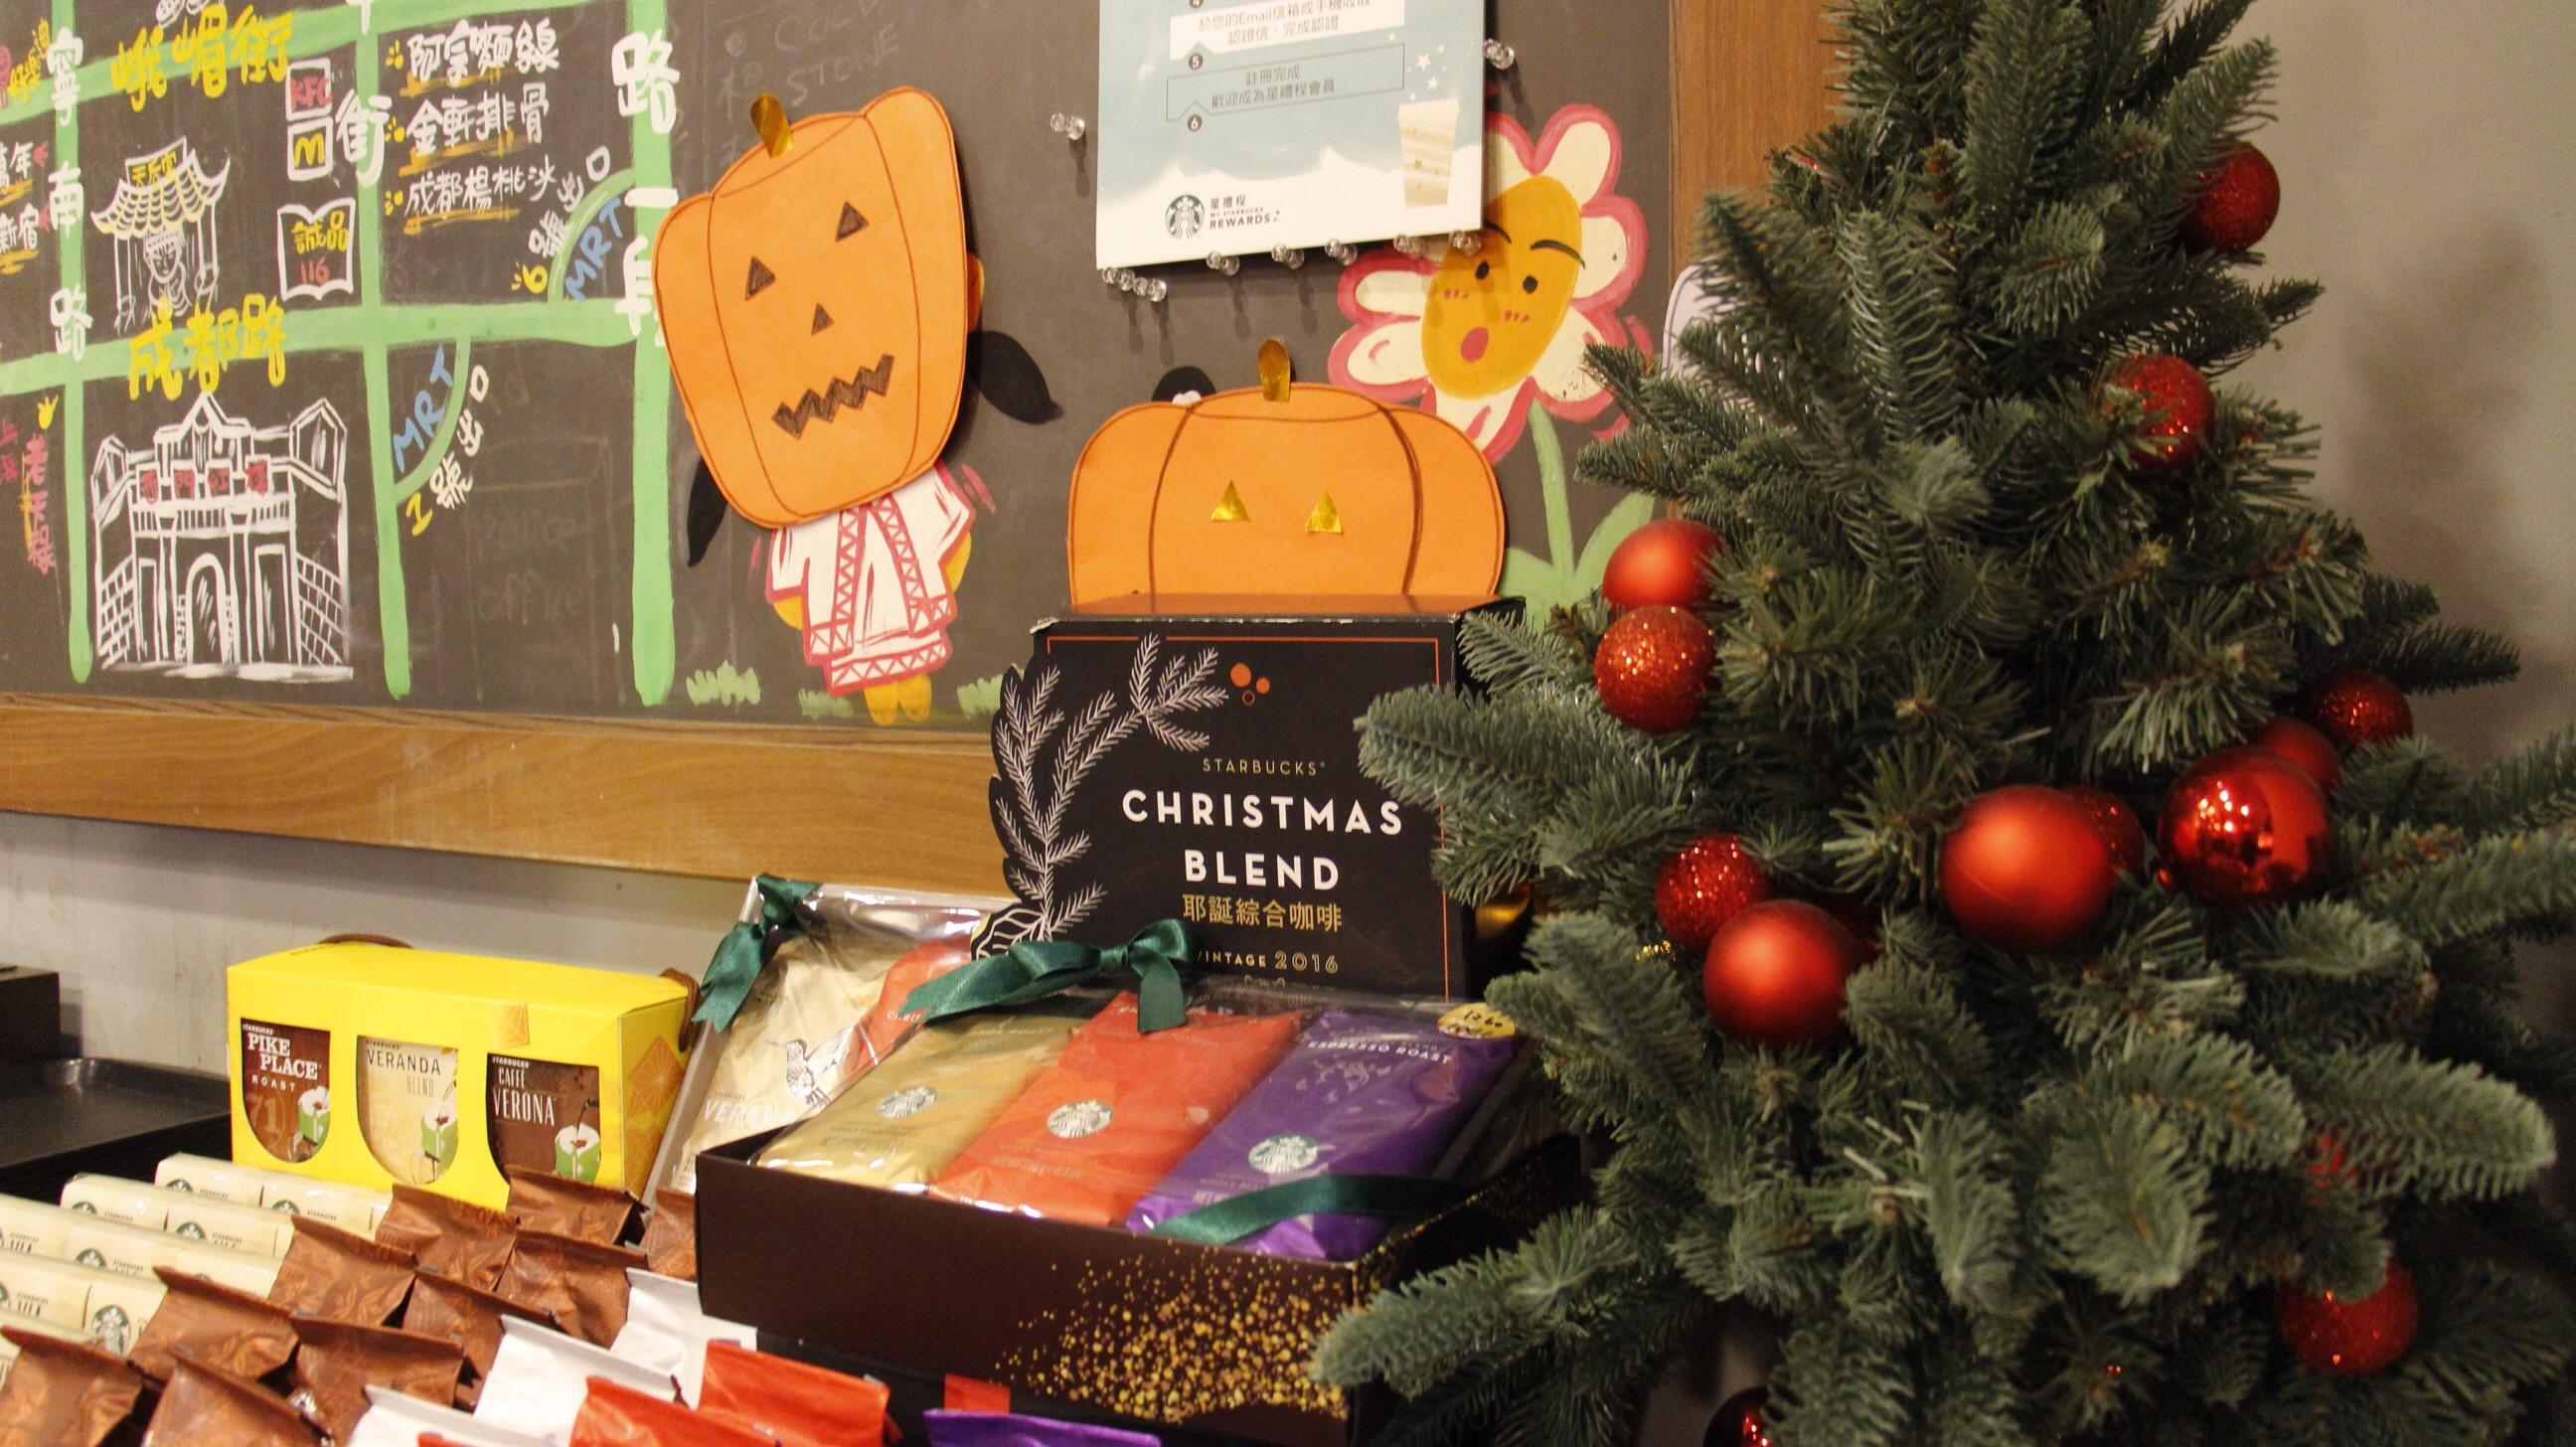 為配合聖誕節,販賣飲料或餐點的店家多會推出季節性商品,結合聖誕主題或相關包裝。攝影/張子怡